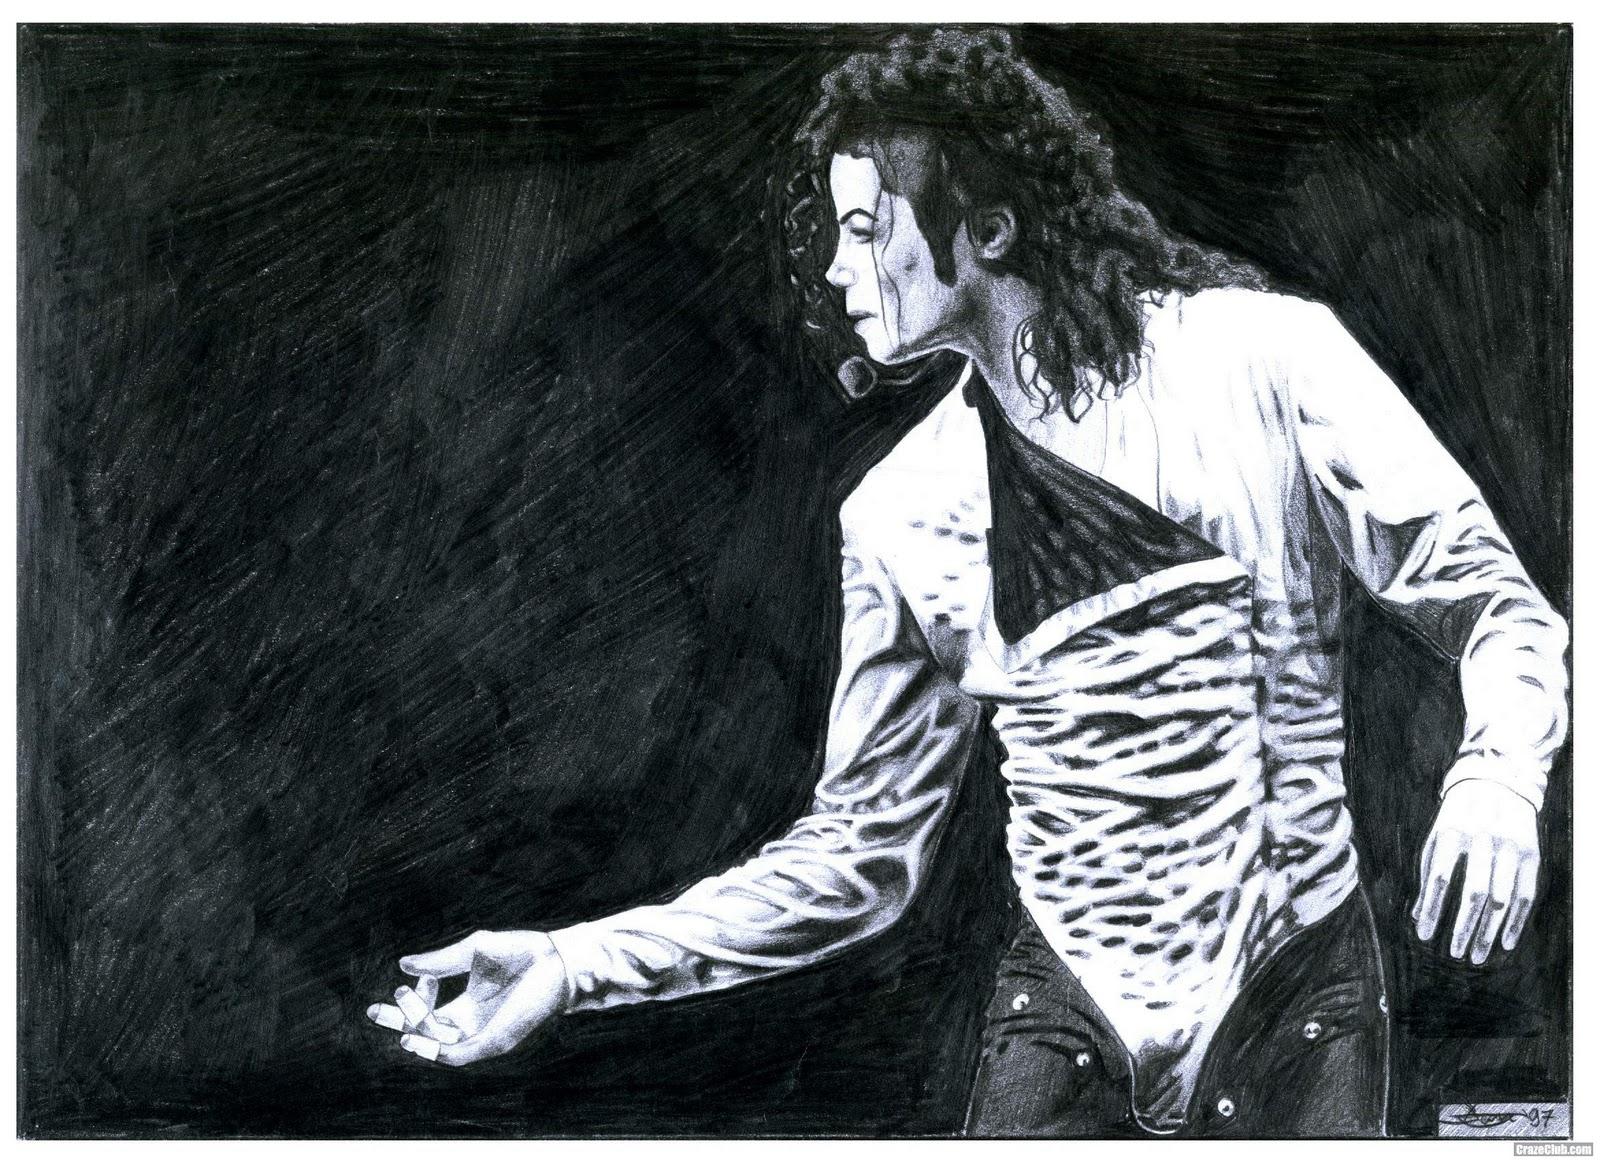 http://1.bp.blogspot.com/_c72kc4JbsgY/TOFD_f3AjvI/AAAAAAAAEMs/eGfylDRe93c/s1600/Michael+Jackson+Wallpaper+%252819%2529.jpg